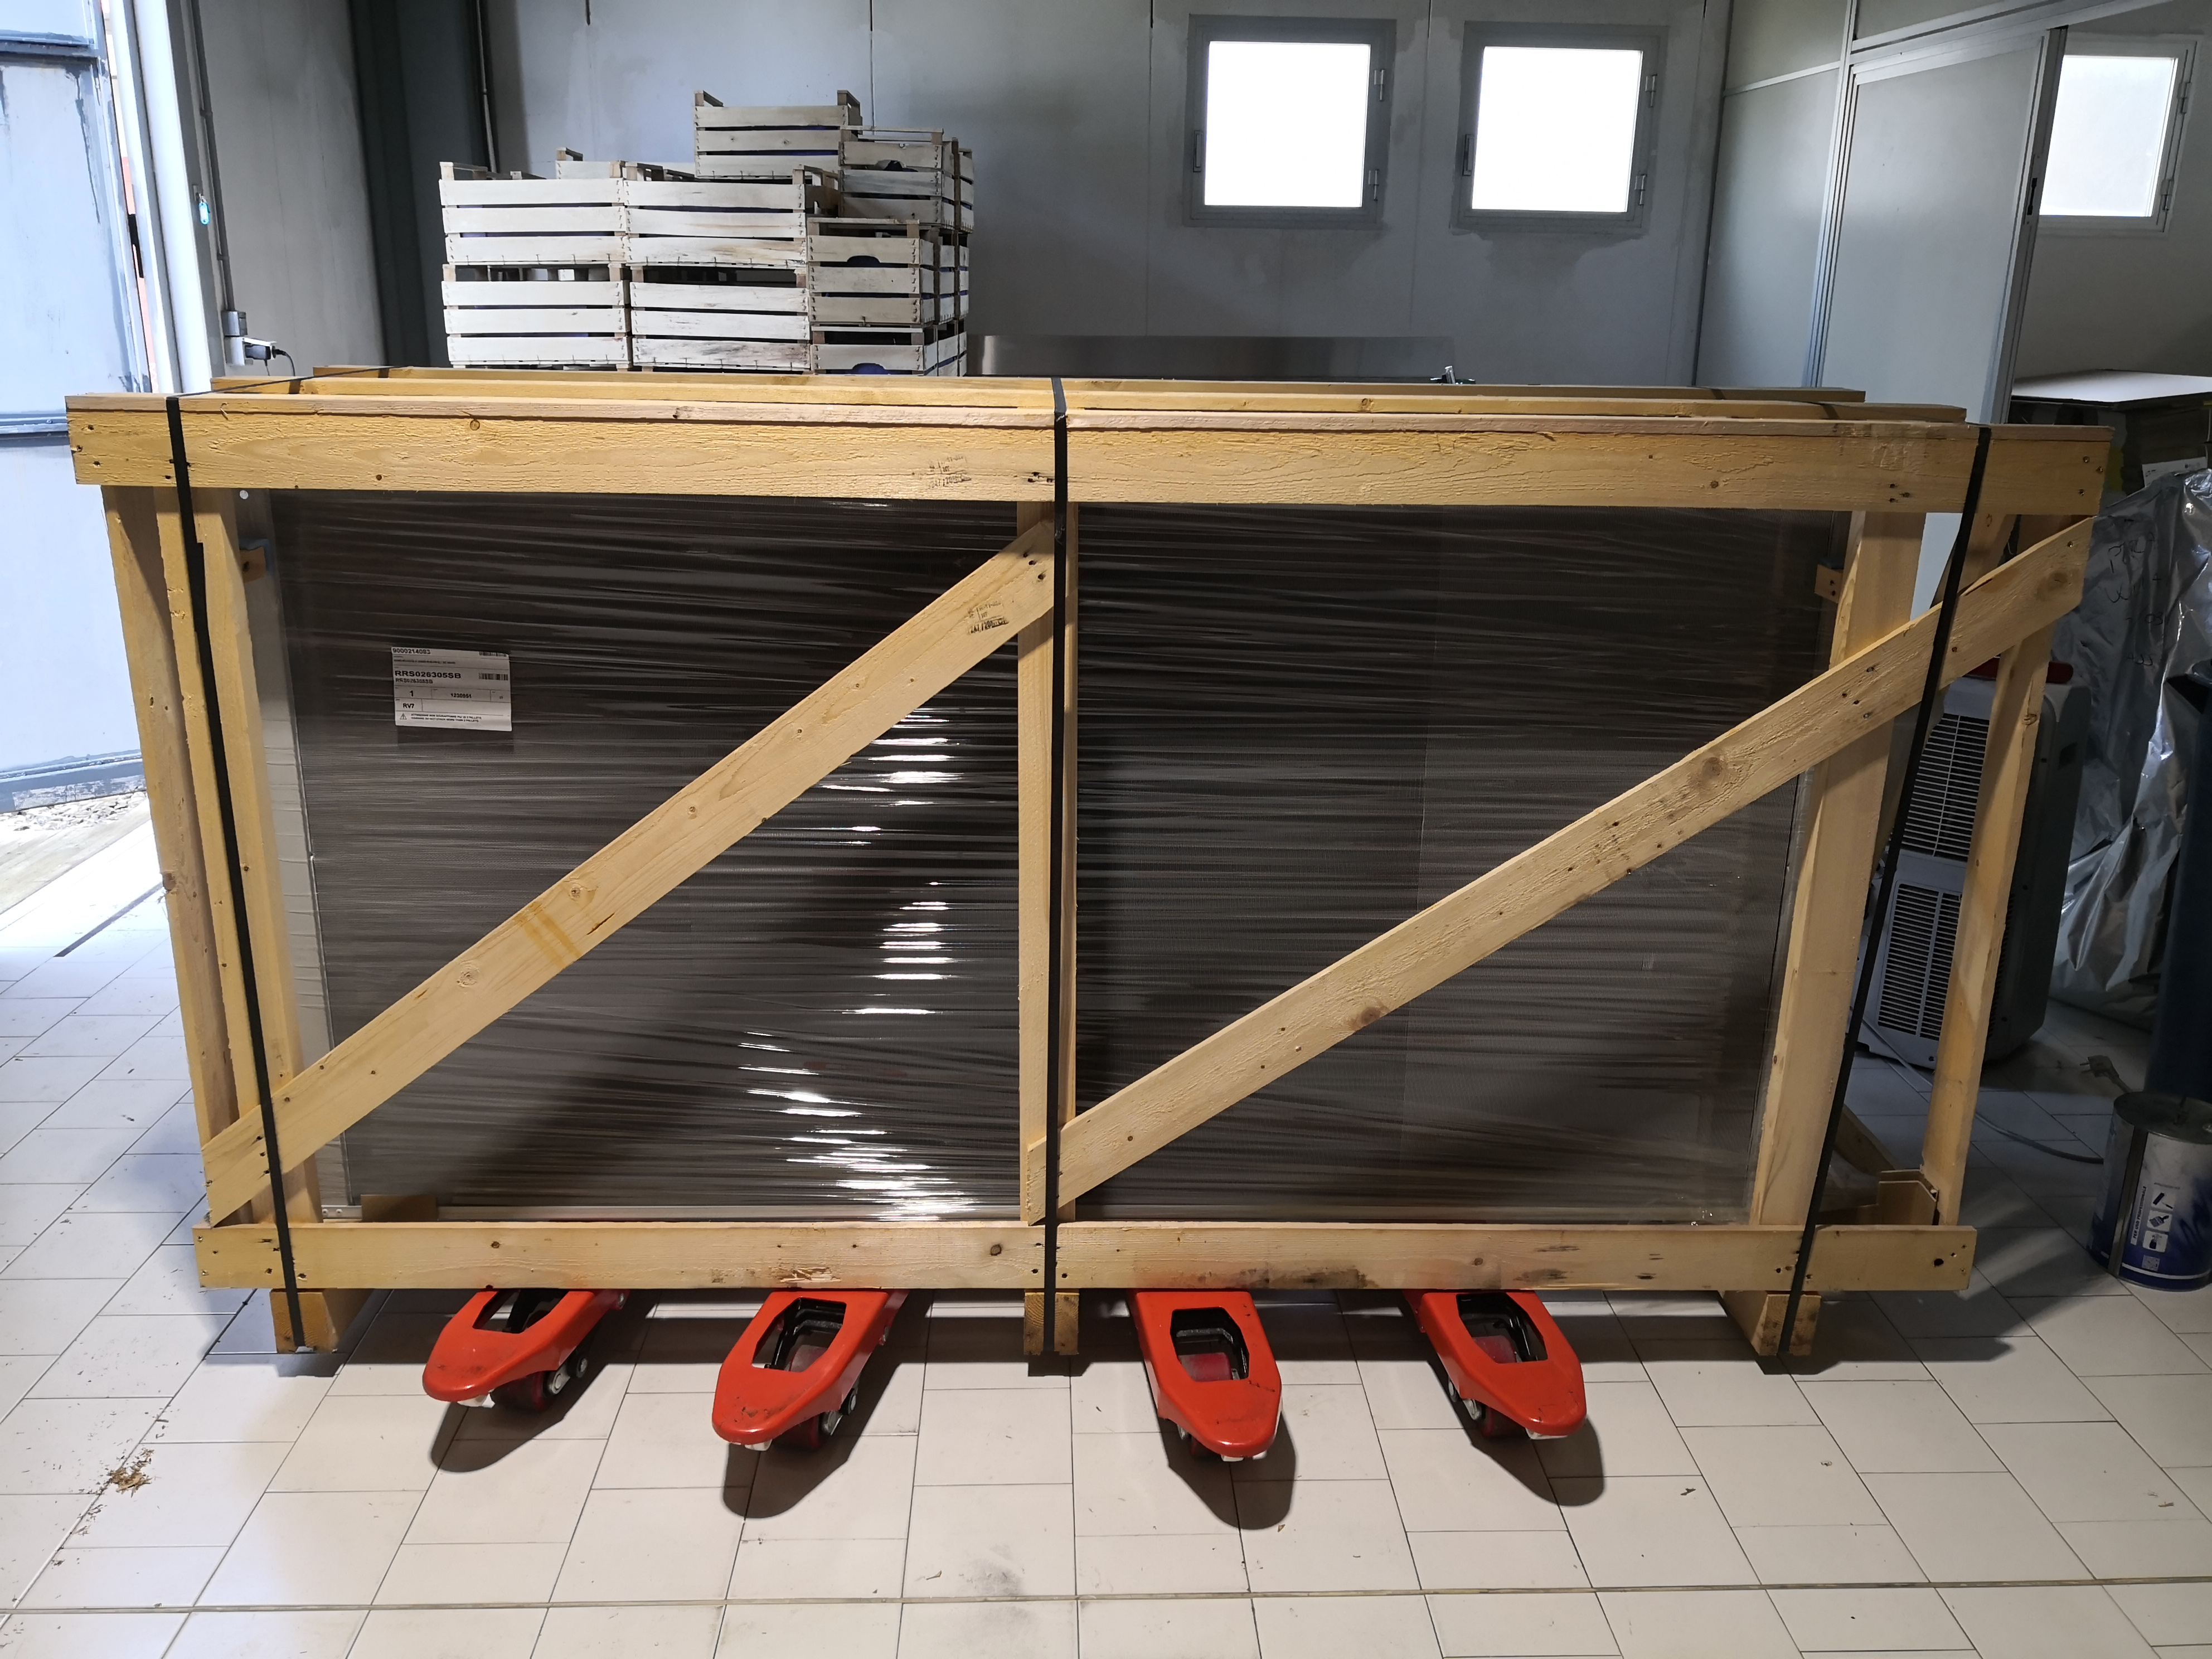 Condensatore scambiatore per refrigerazione in vendita - foto 2